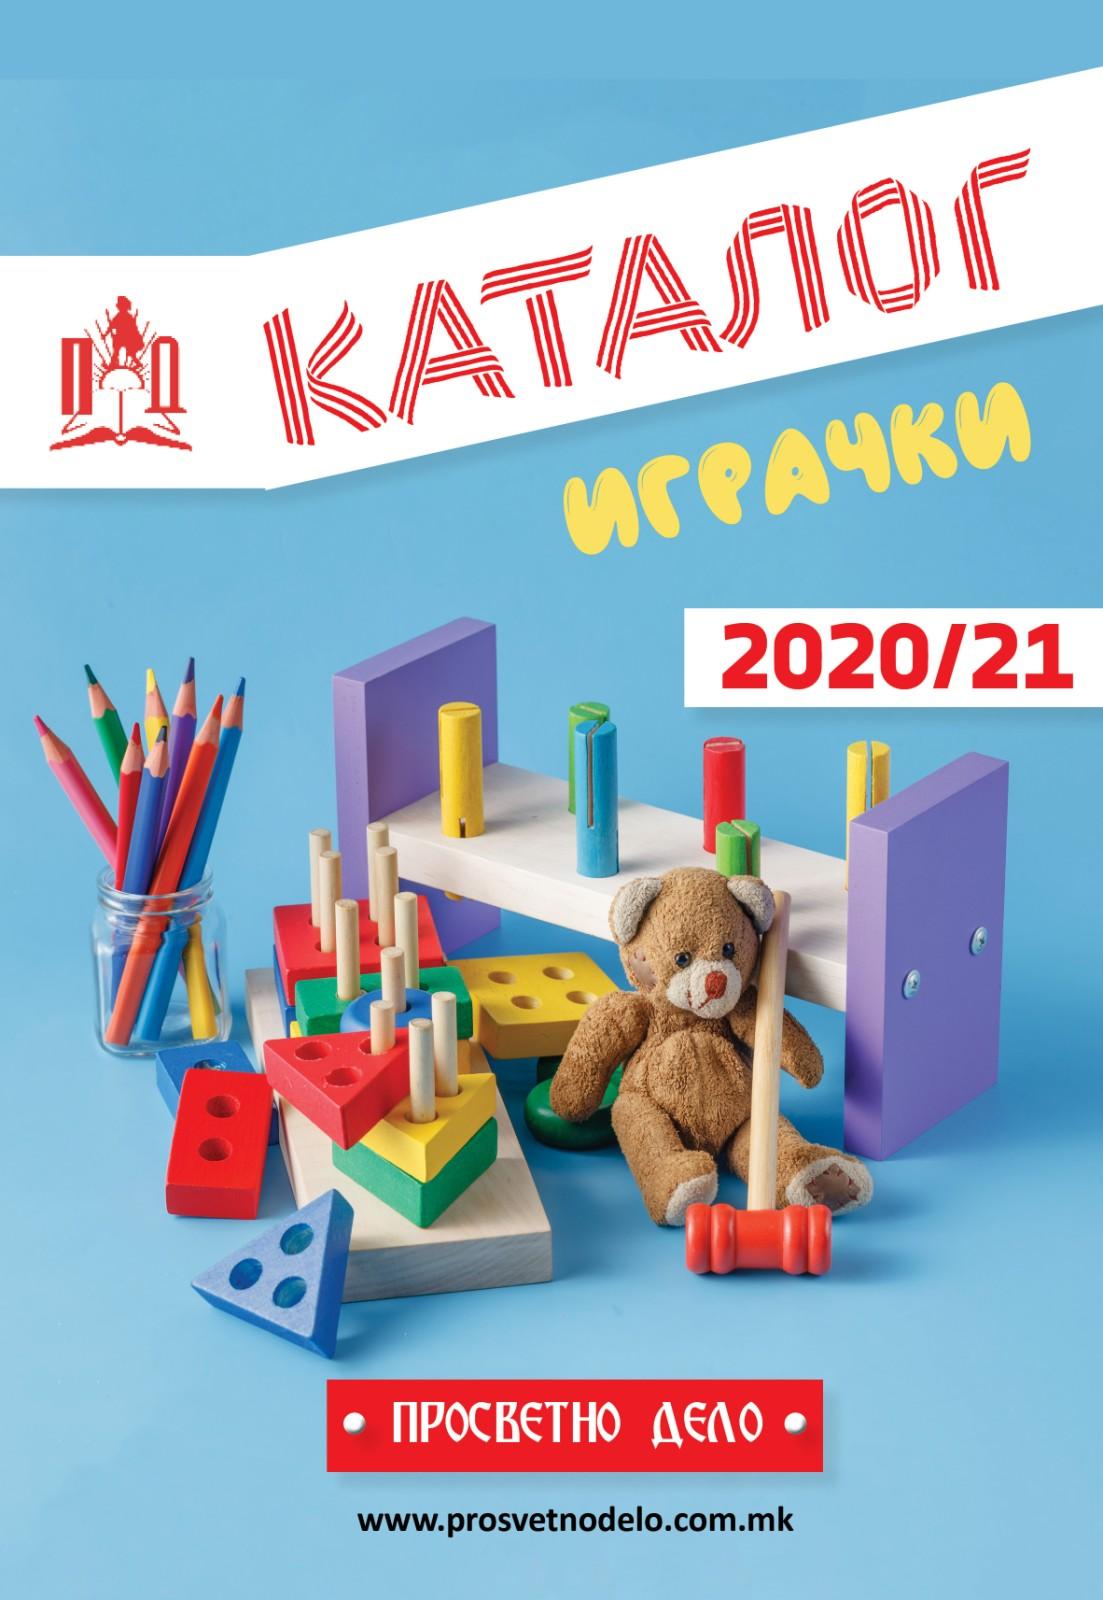 КАТАЛОГ ИГРАЧКИ 2020/21